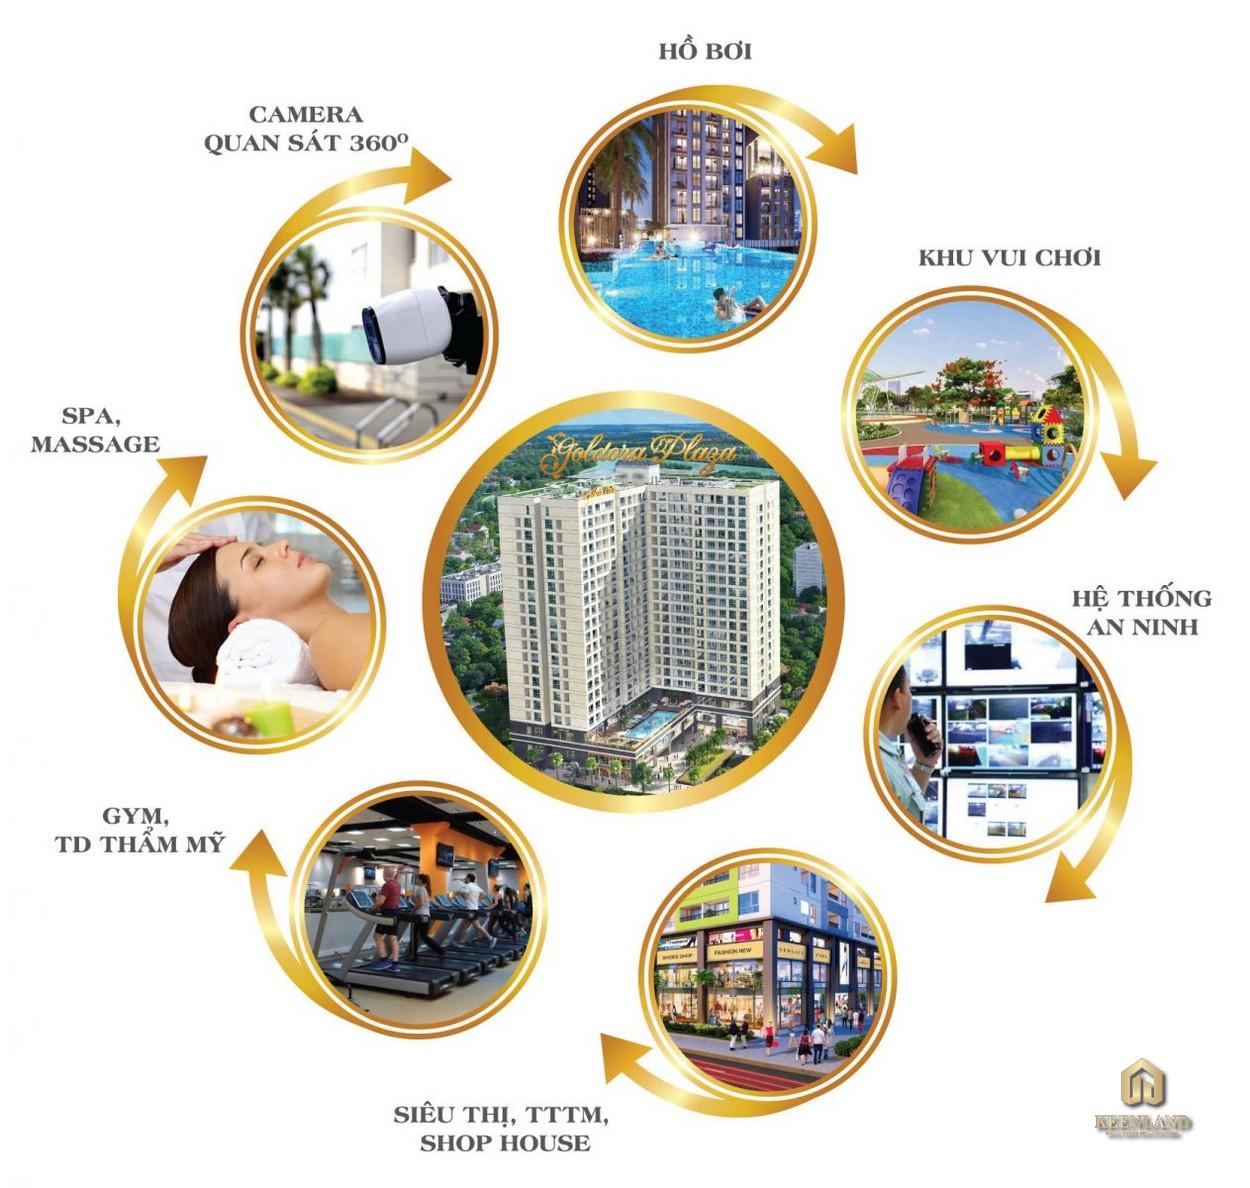 Tiện ích cao cấp tại dự án Goldora Plaza - Chủ đầu tư TEMATCO